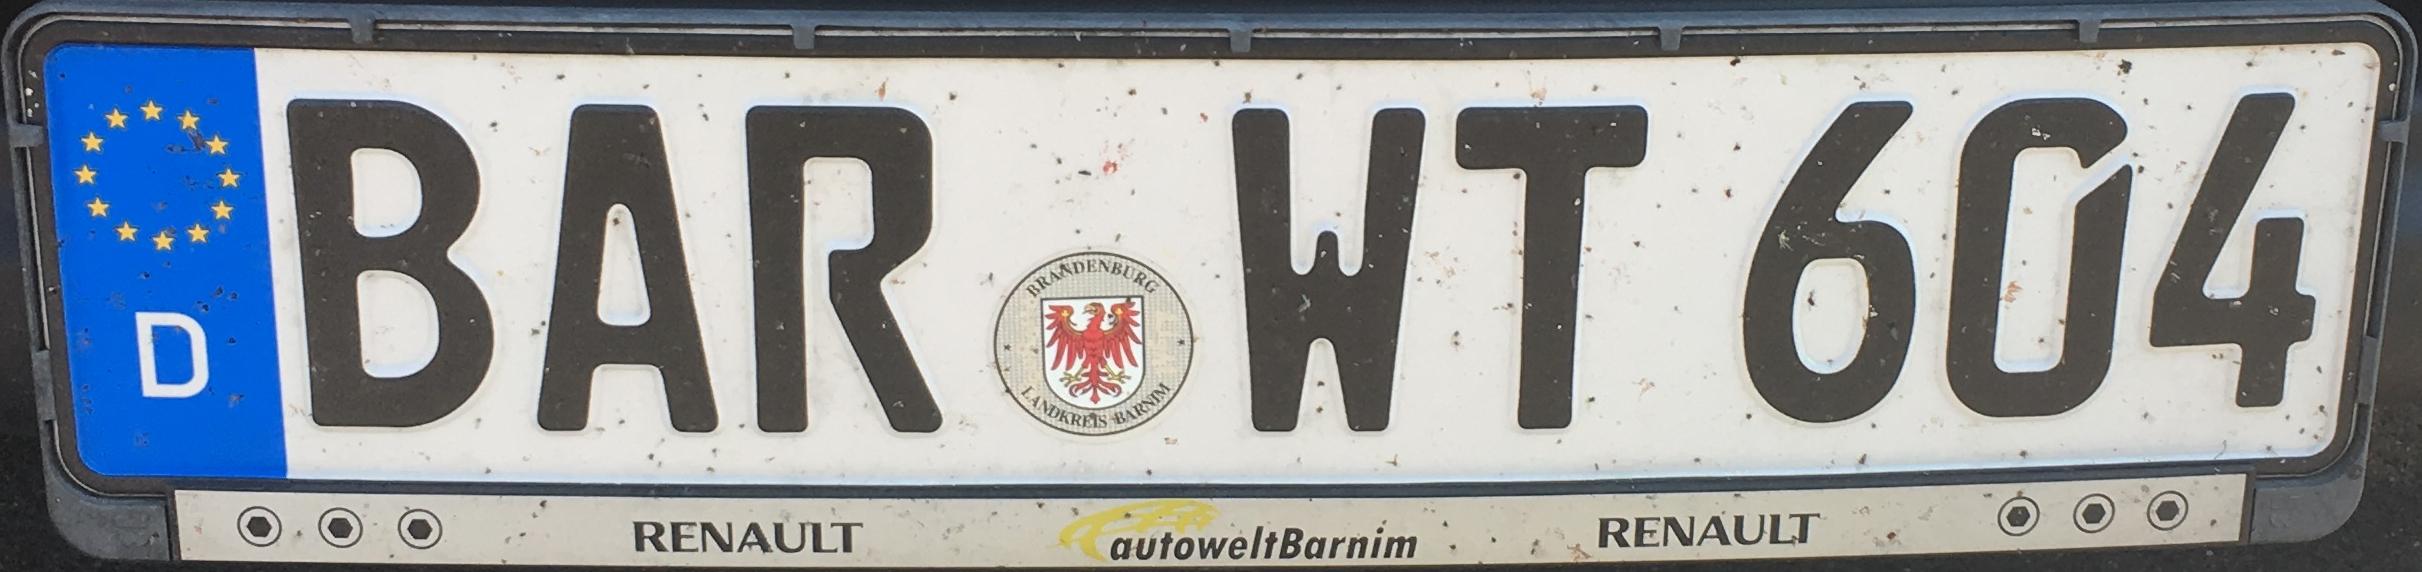 Registrační značka Německo - BAR - Barnim, foto: www.podalnici.cz